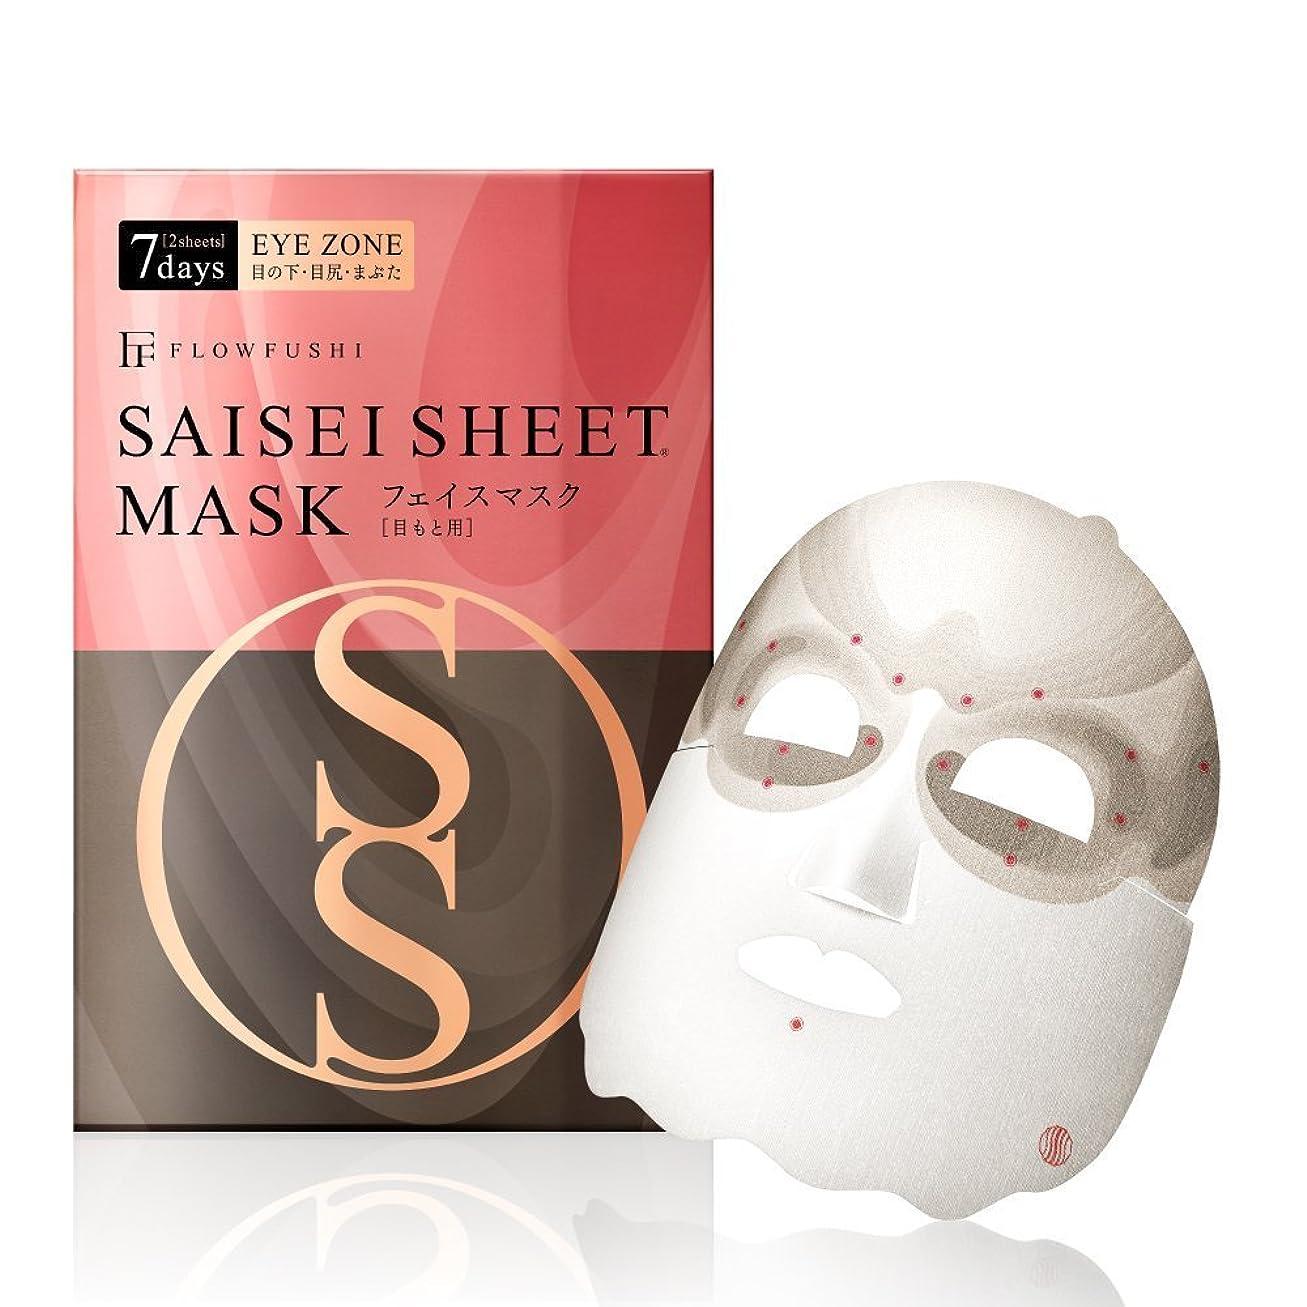 切り刻む無条件カブSAISEIシート マスク [目もと用] 7days 2sheets